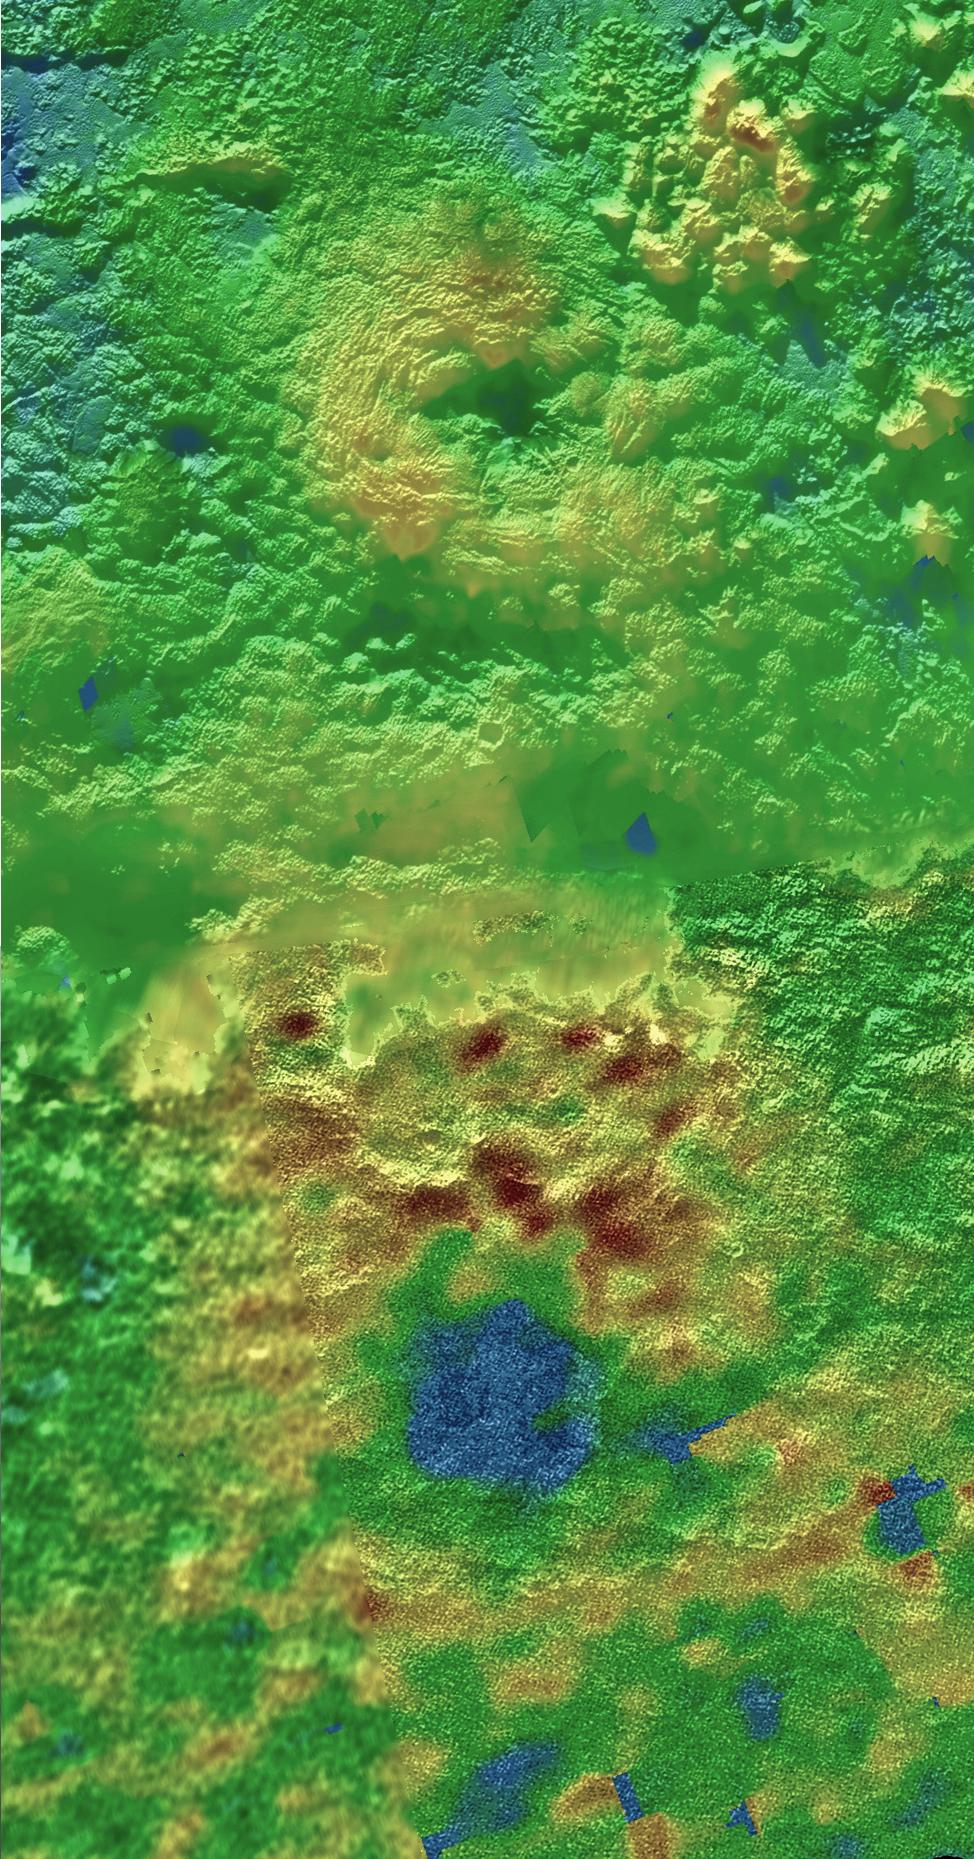 Na tomto 3D topografickém snímku lze vidět, že dvě hory, prozatímně pojumenované Wright Mons a Piccard Mons, jsou zřejmě ledové vulkány - kryovůlkány. Barvy zvýrazňují výškové rozdíly - modrá barva indikuje nejníže položené oblasti, vyšší jsou zelené a nejvyšší hnědé